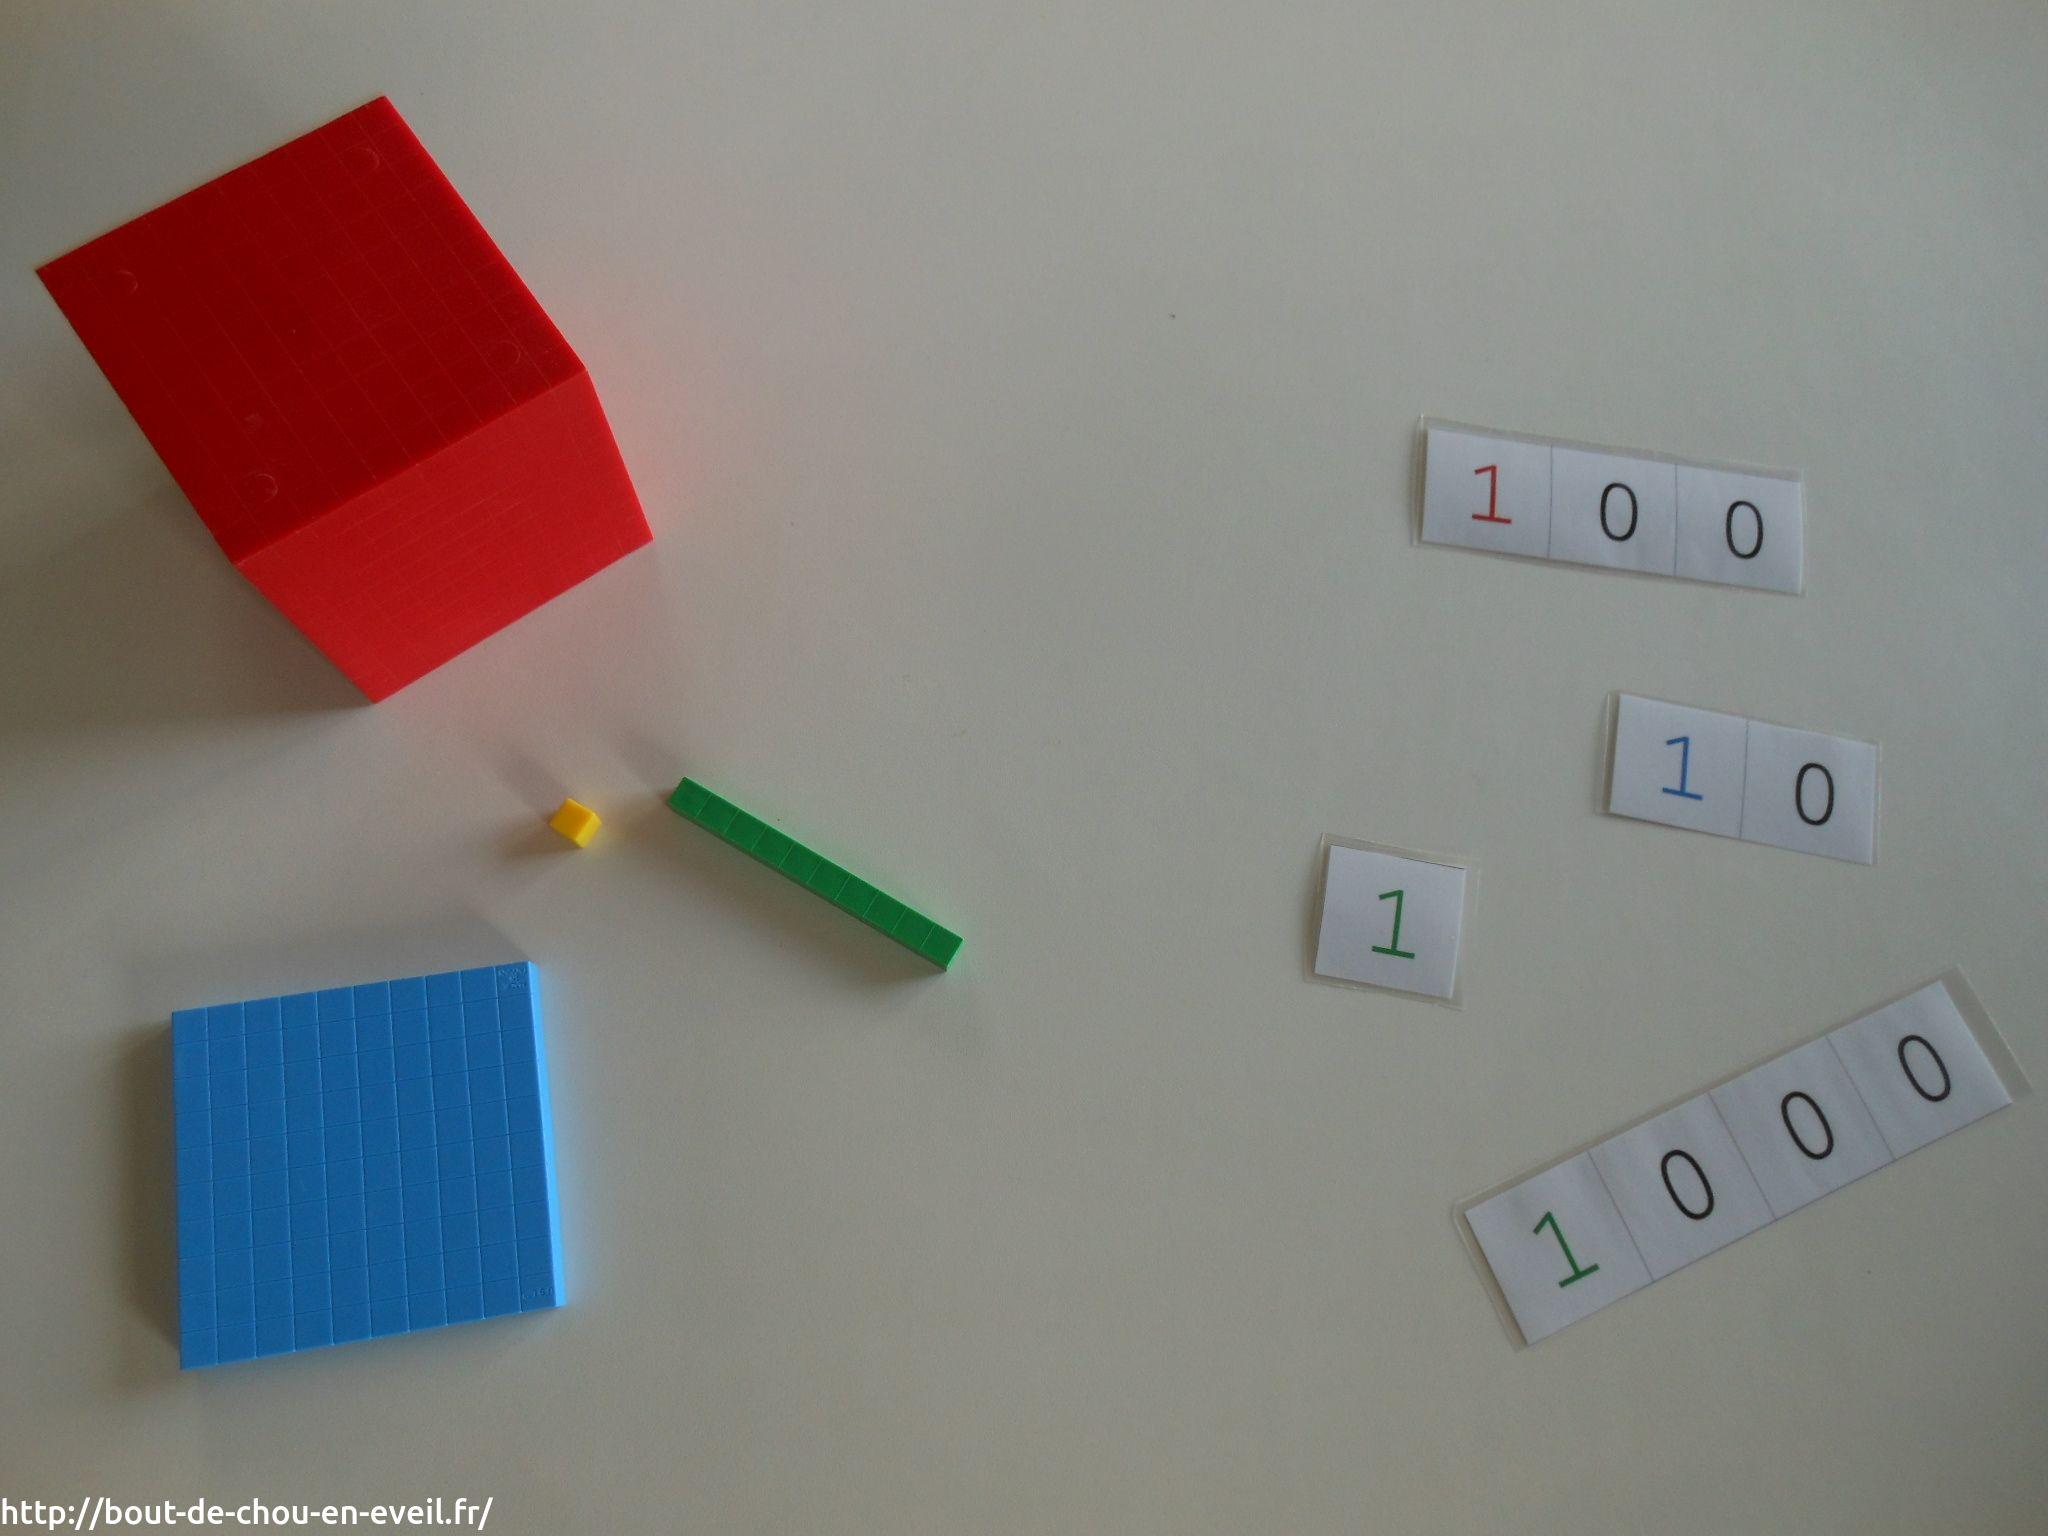 activit montessori 1 10 100 et 1000 bout de chou en veil. Black Bedroom Furniture Sets. Home Design Ideas